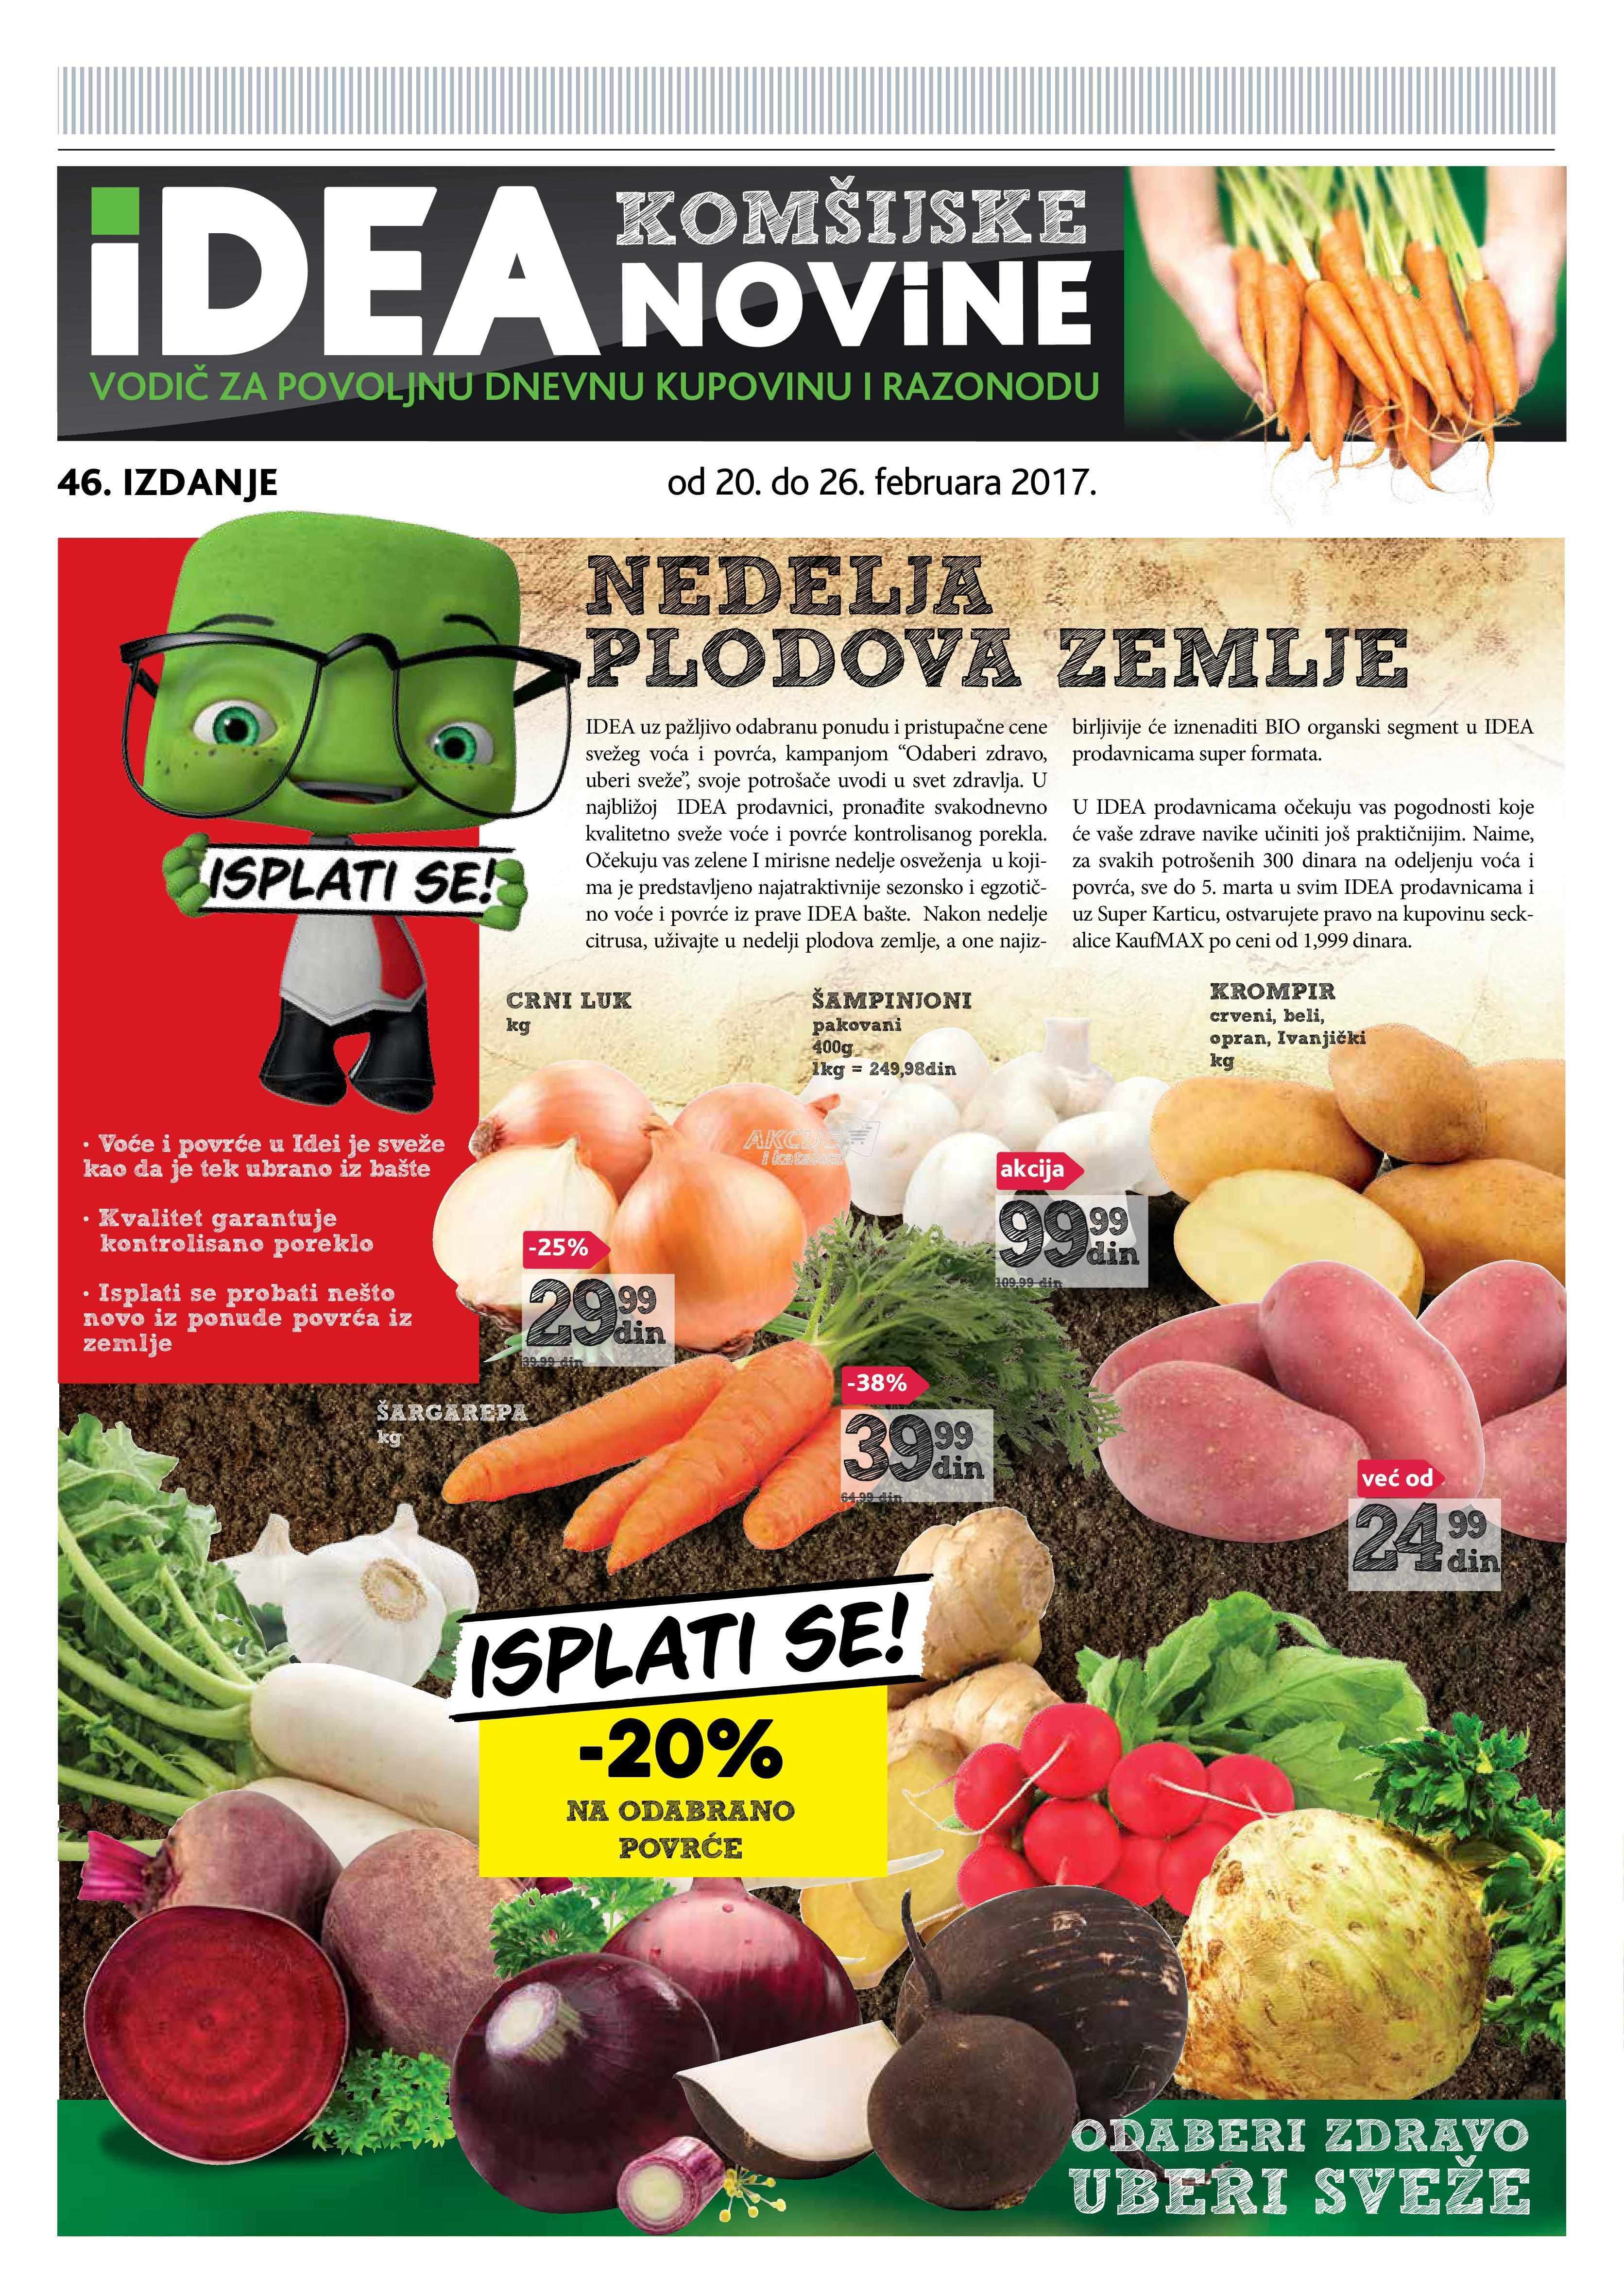 Idea - Redovna akcija K Plus komšijske novine